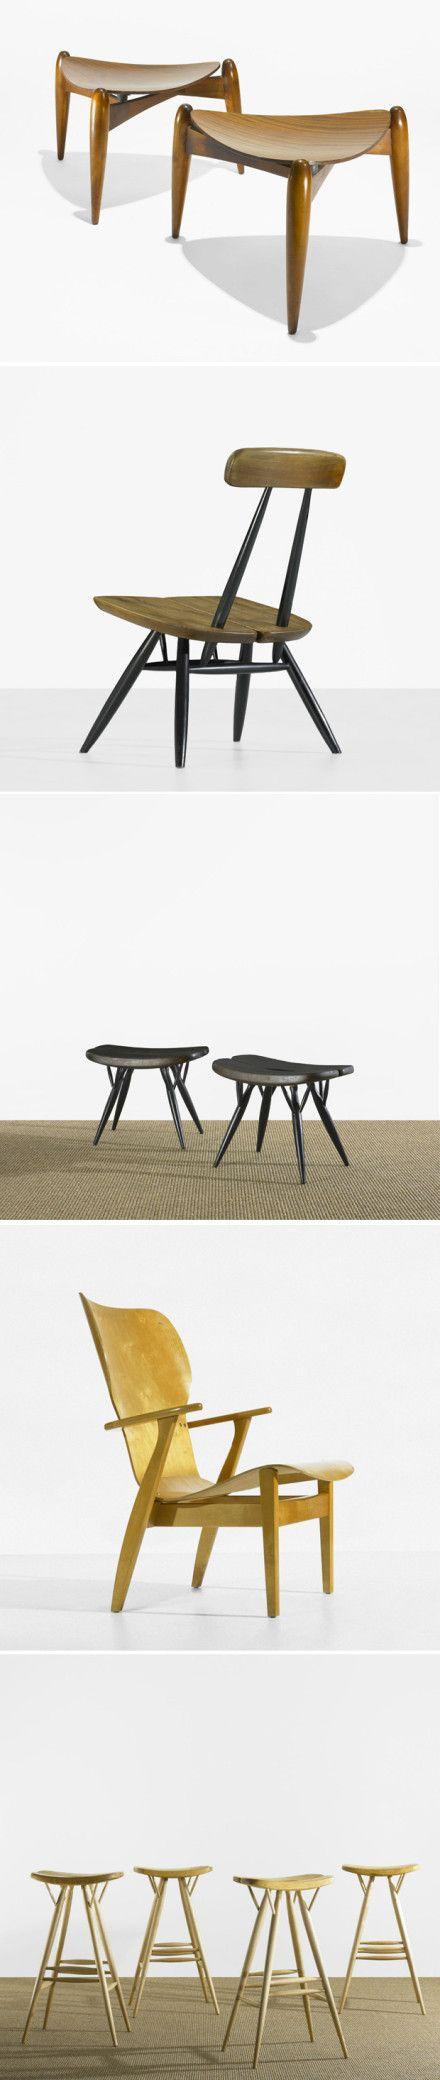 Финское население более чем 500 миллионов, но современный дизайн мебели ...